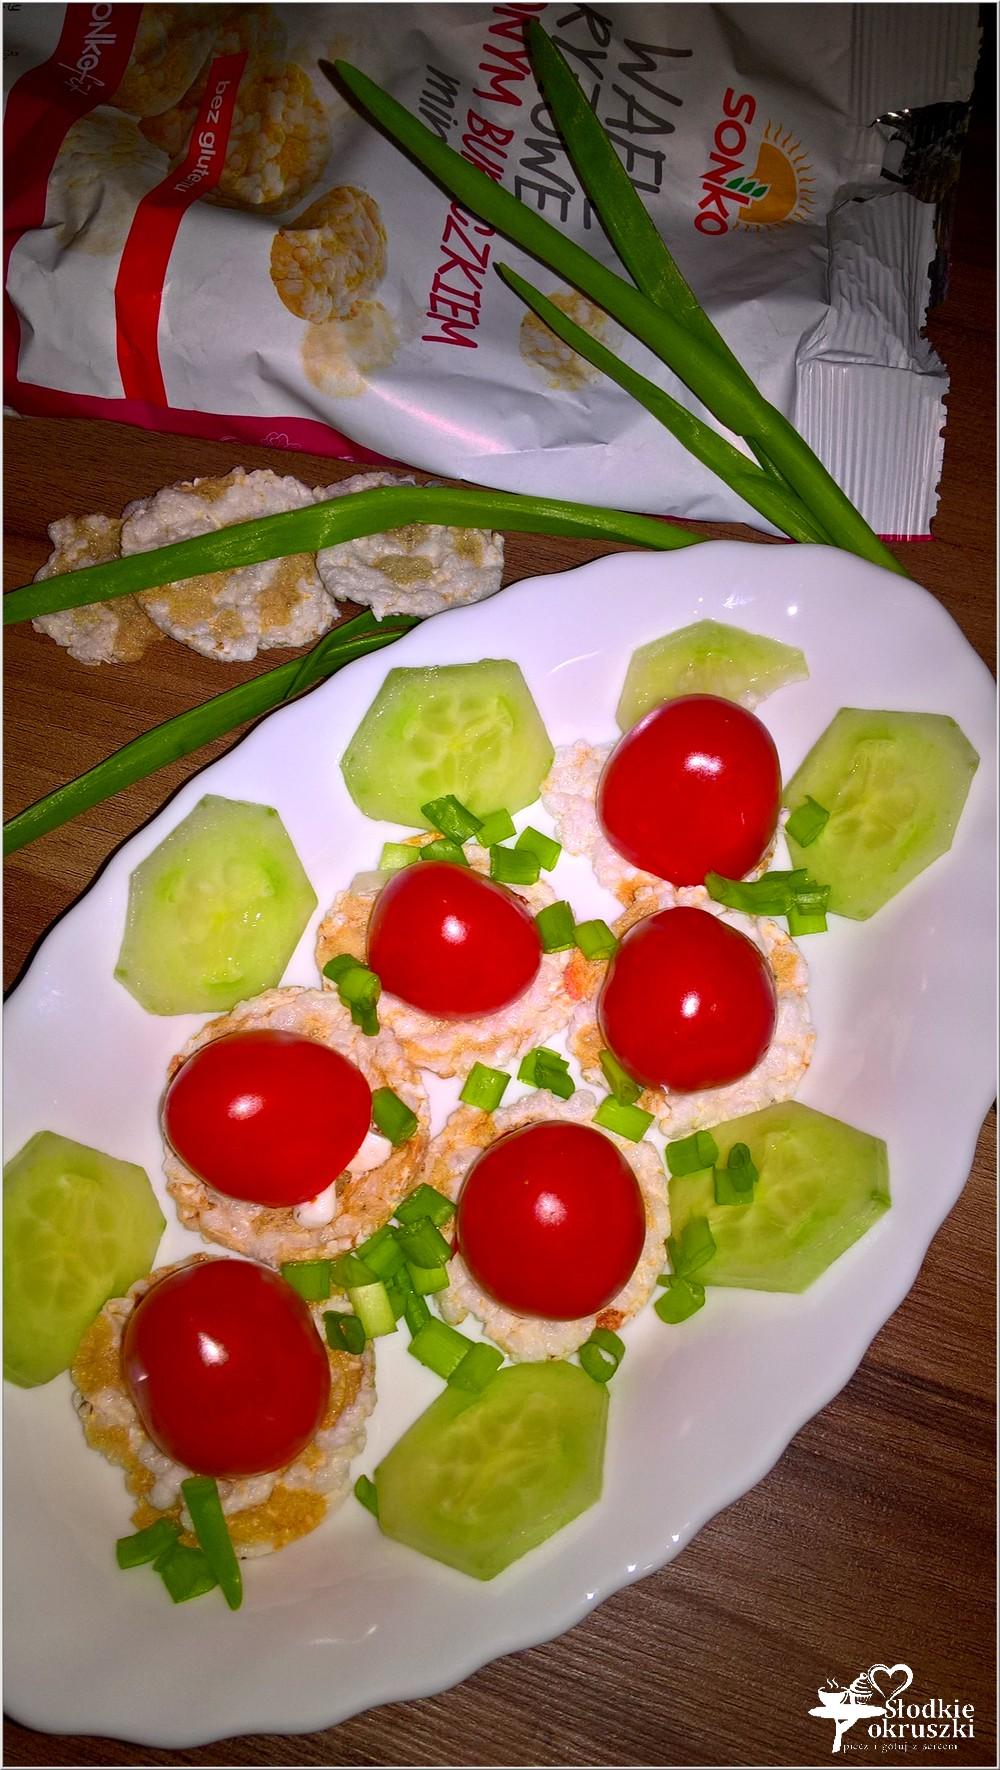 nadziewane-pomidorki-na-ryzowo-buraczanych-wafelkach-szybka-przekaska-2